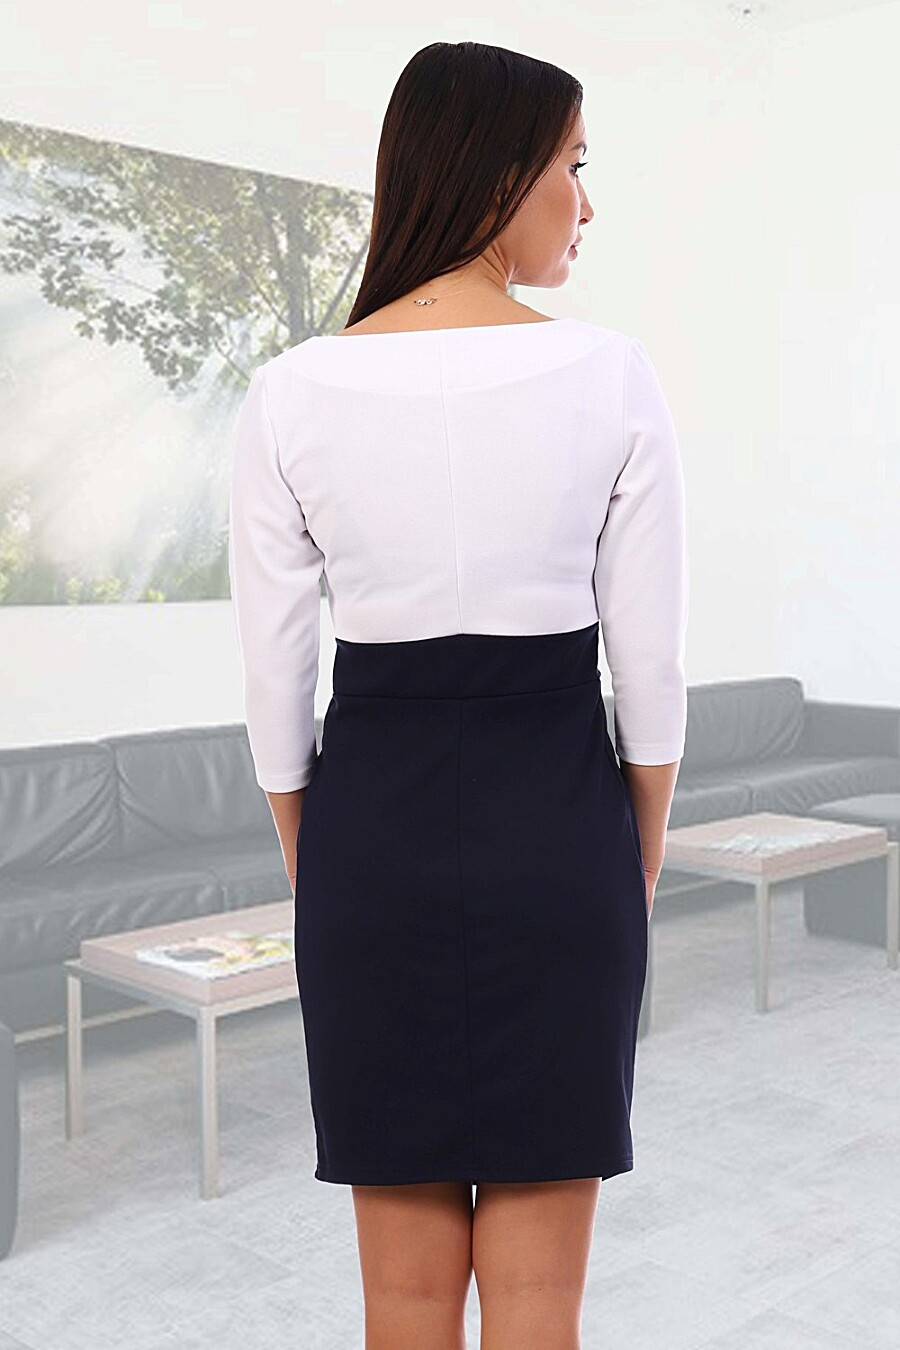 Платье Магистр для женщин НАТАЛИ 321692 купить оптом от производителя. Совместная покупка женской одежды в OptMoyo